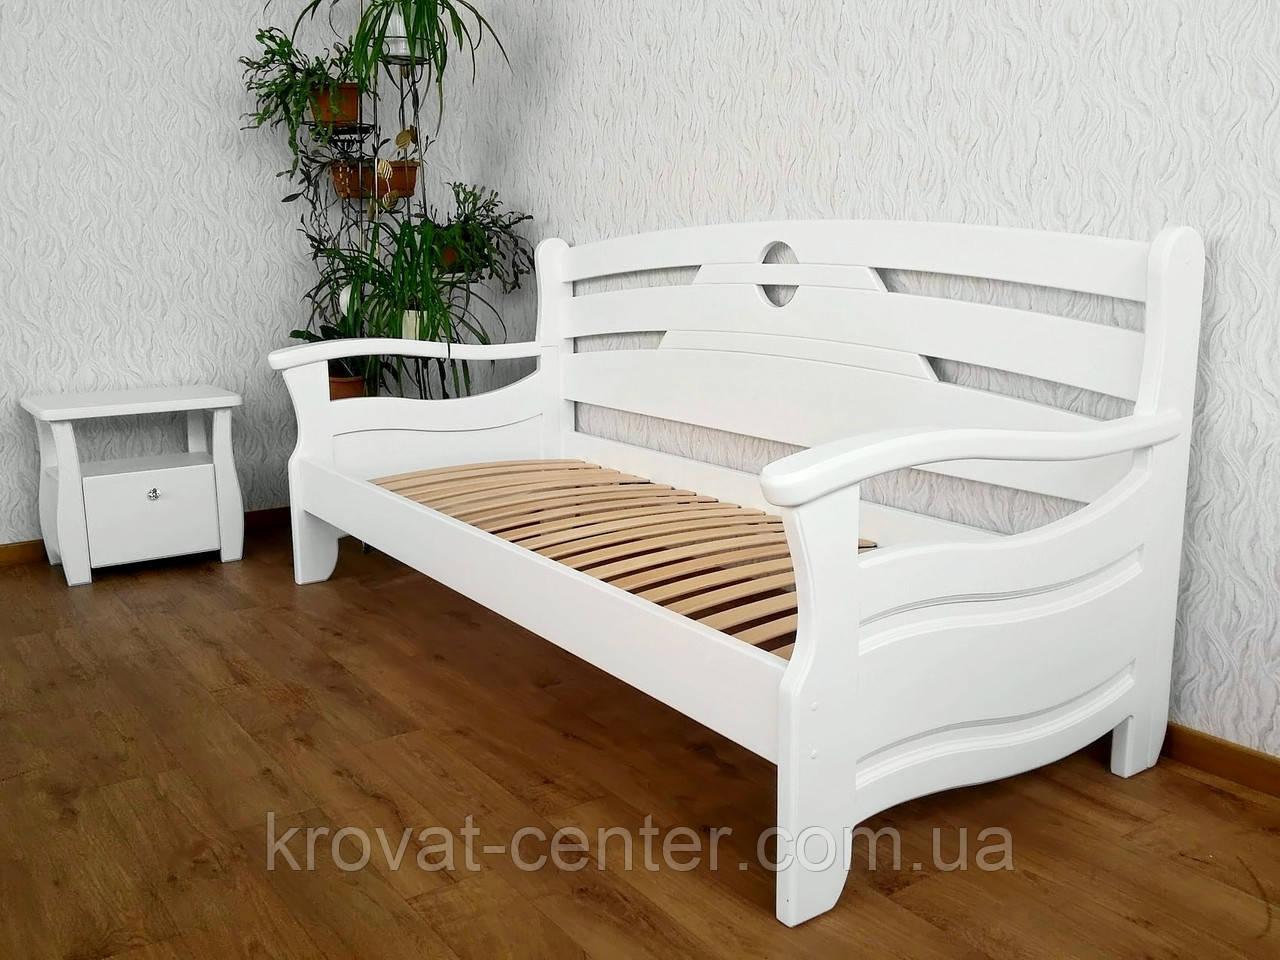 """Белый односпальный диван кровать из массива дерева """"Луи Дюпон Люкс"""""""